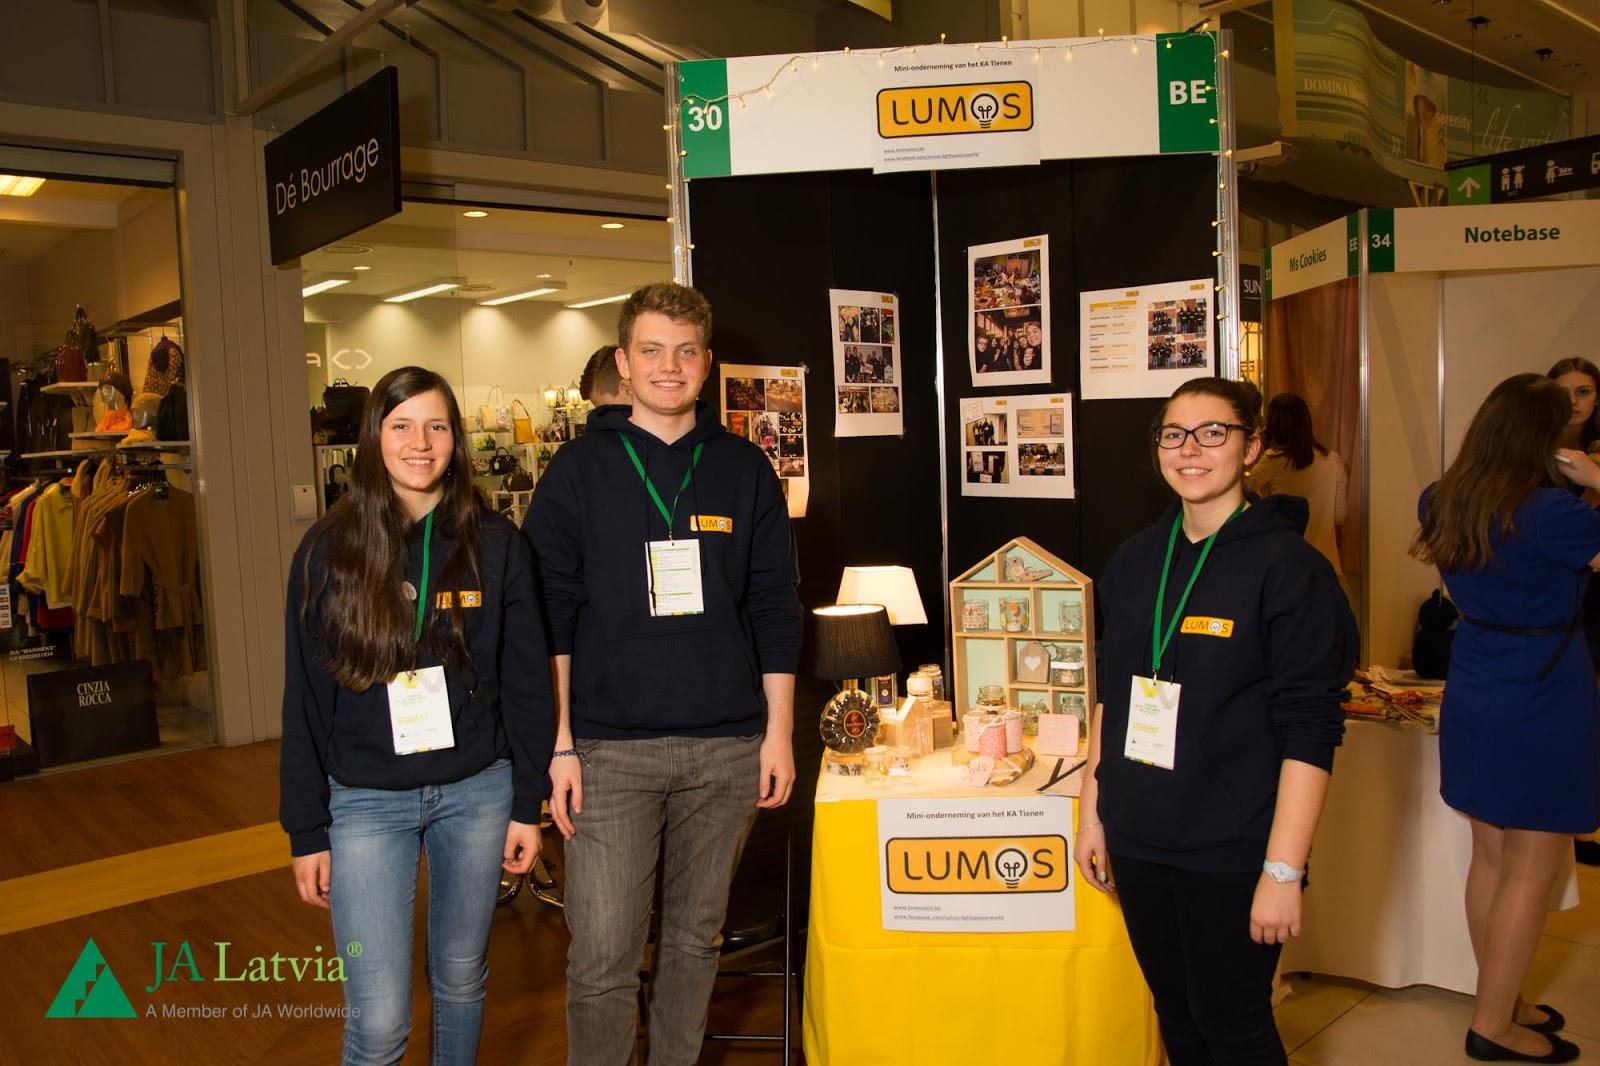 Vlajo Mini-ondernemingen op avontuur in Riga